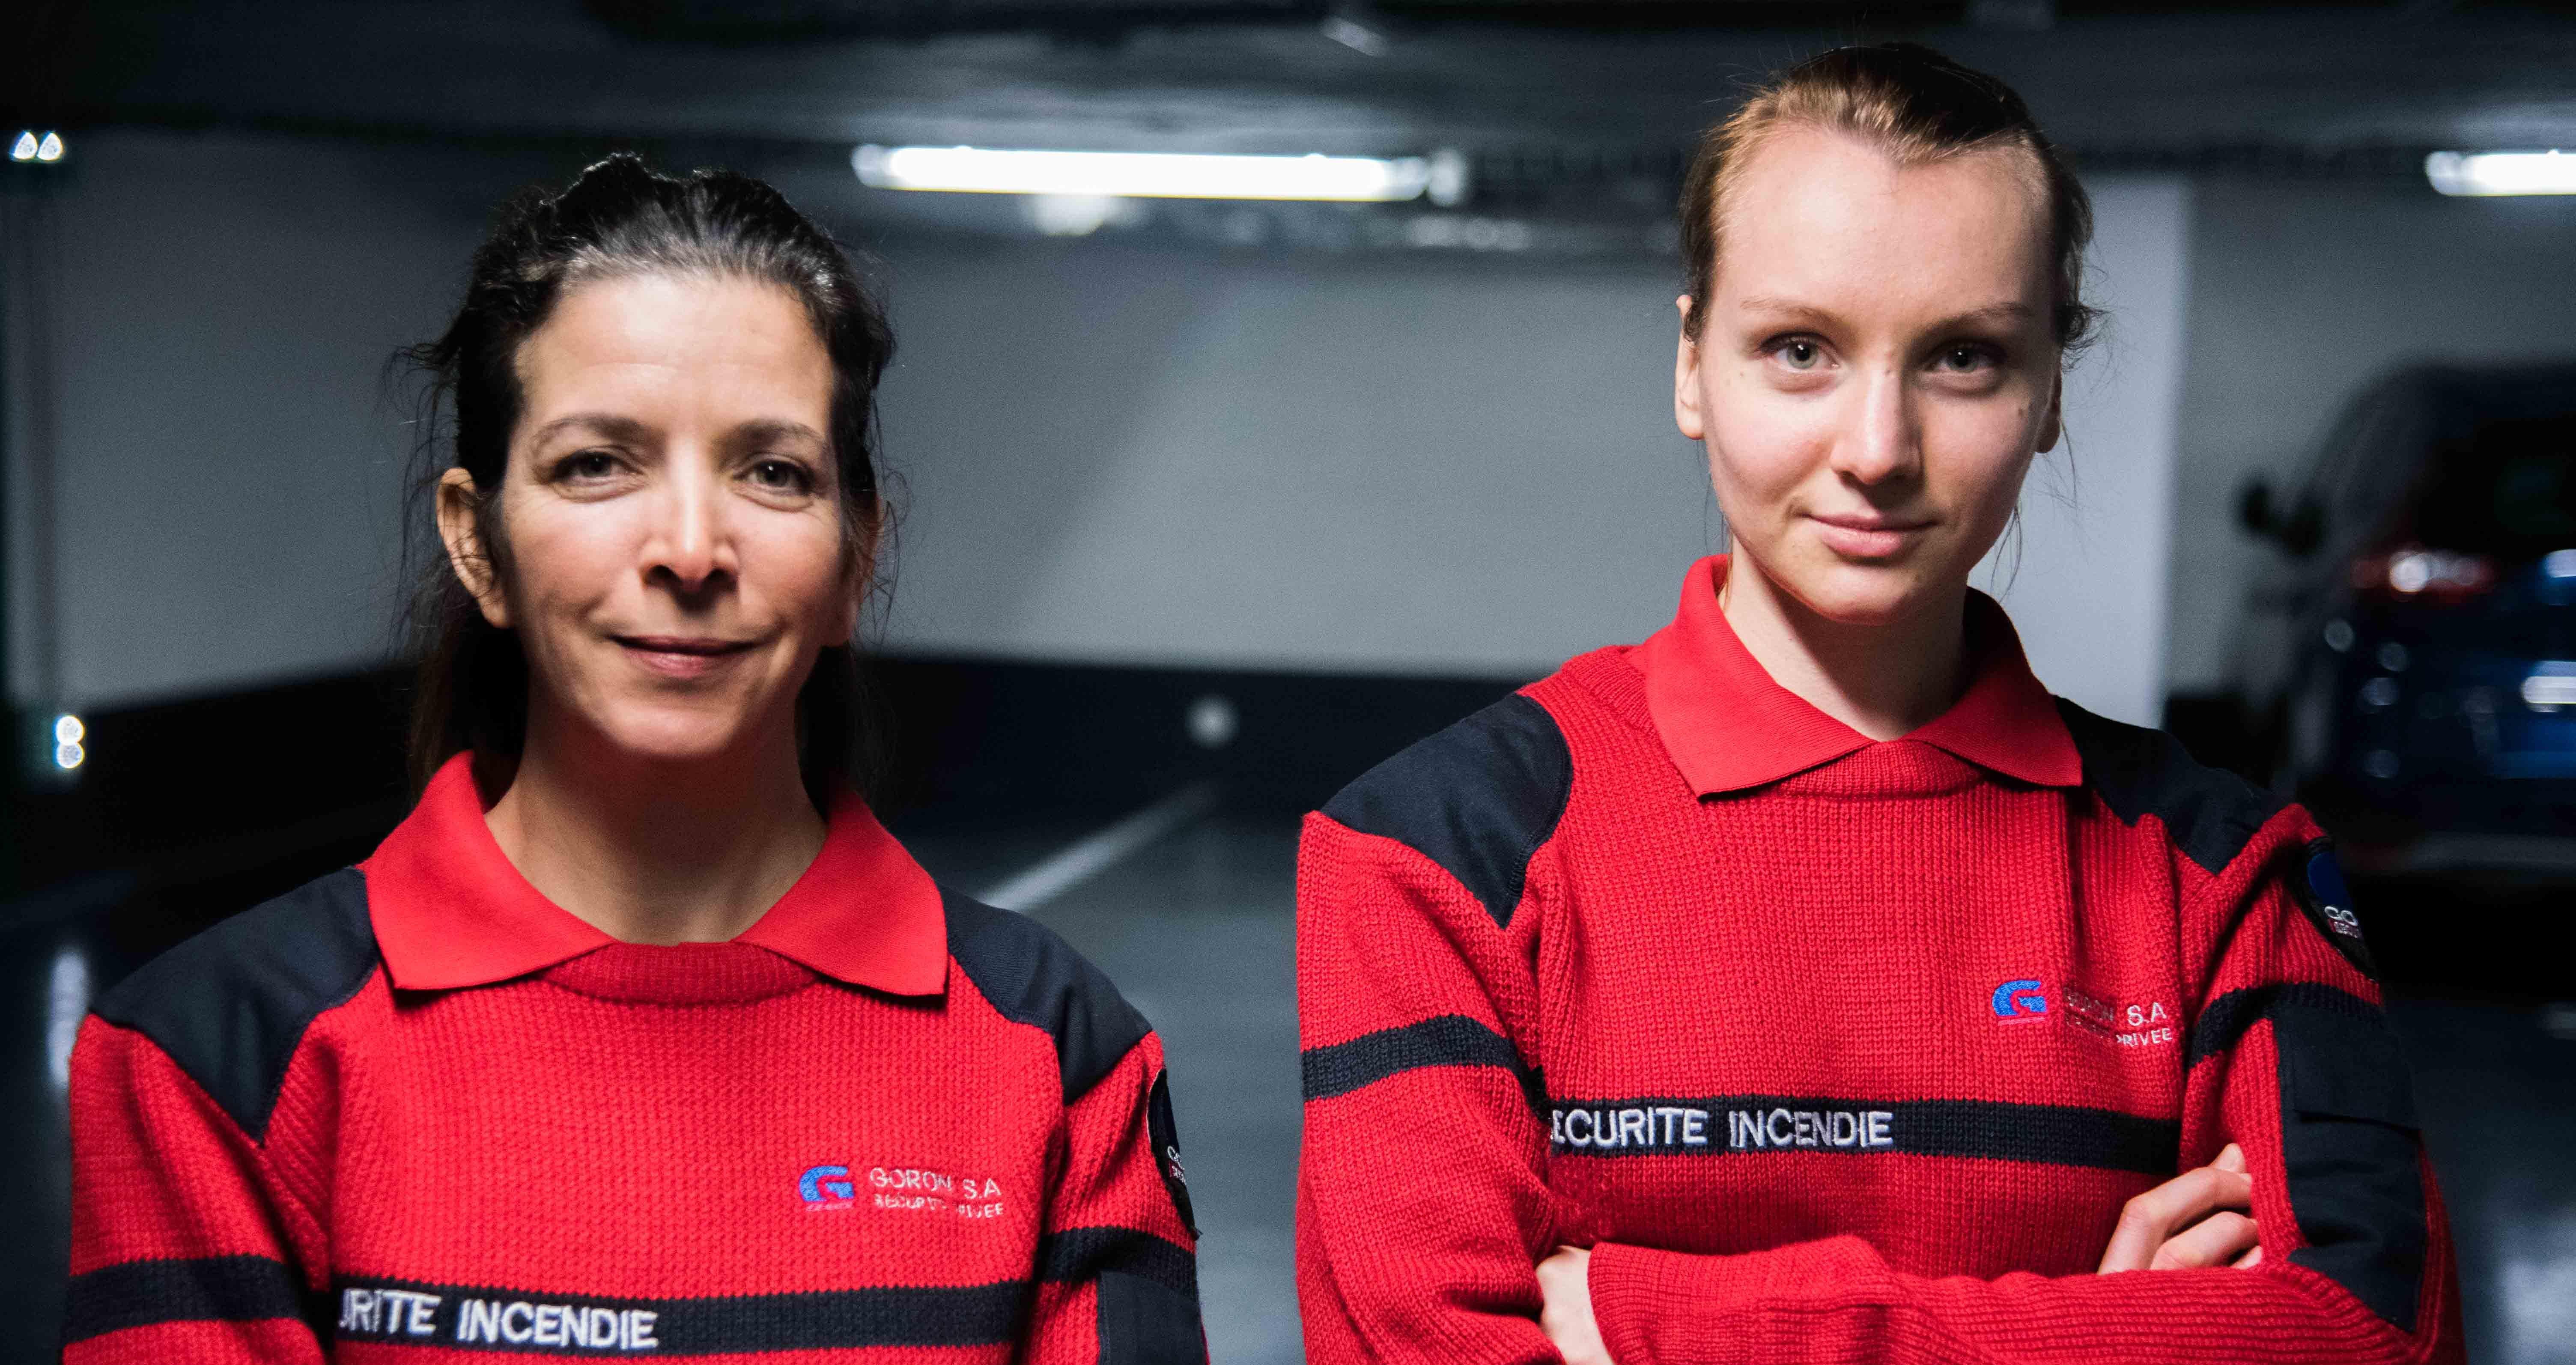 Baromètre : comment sont perçues les femmes dans le domaine de la sécurité/sûreté ? – RNMPS